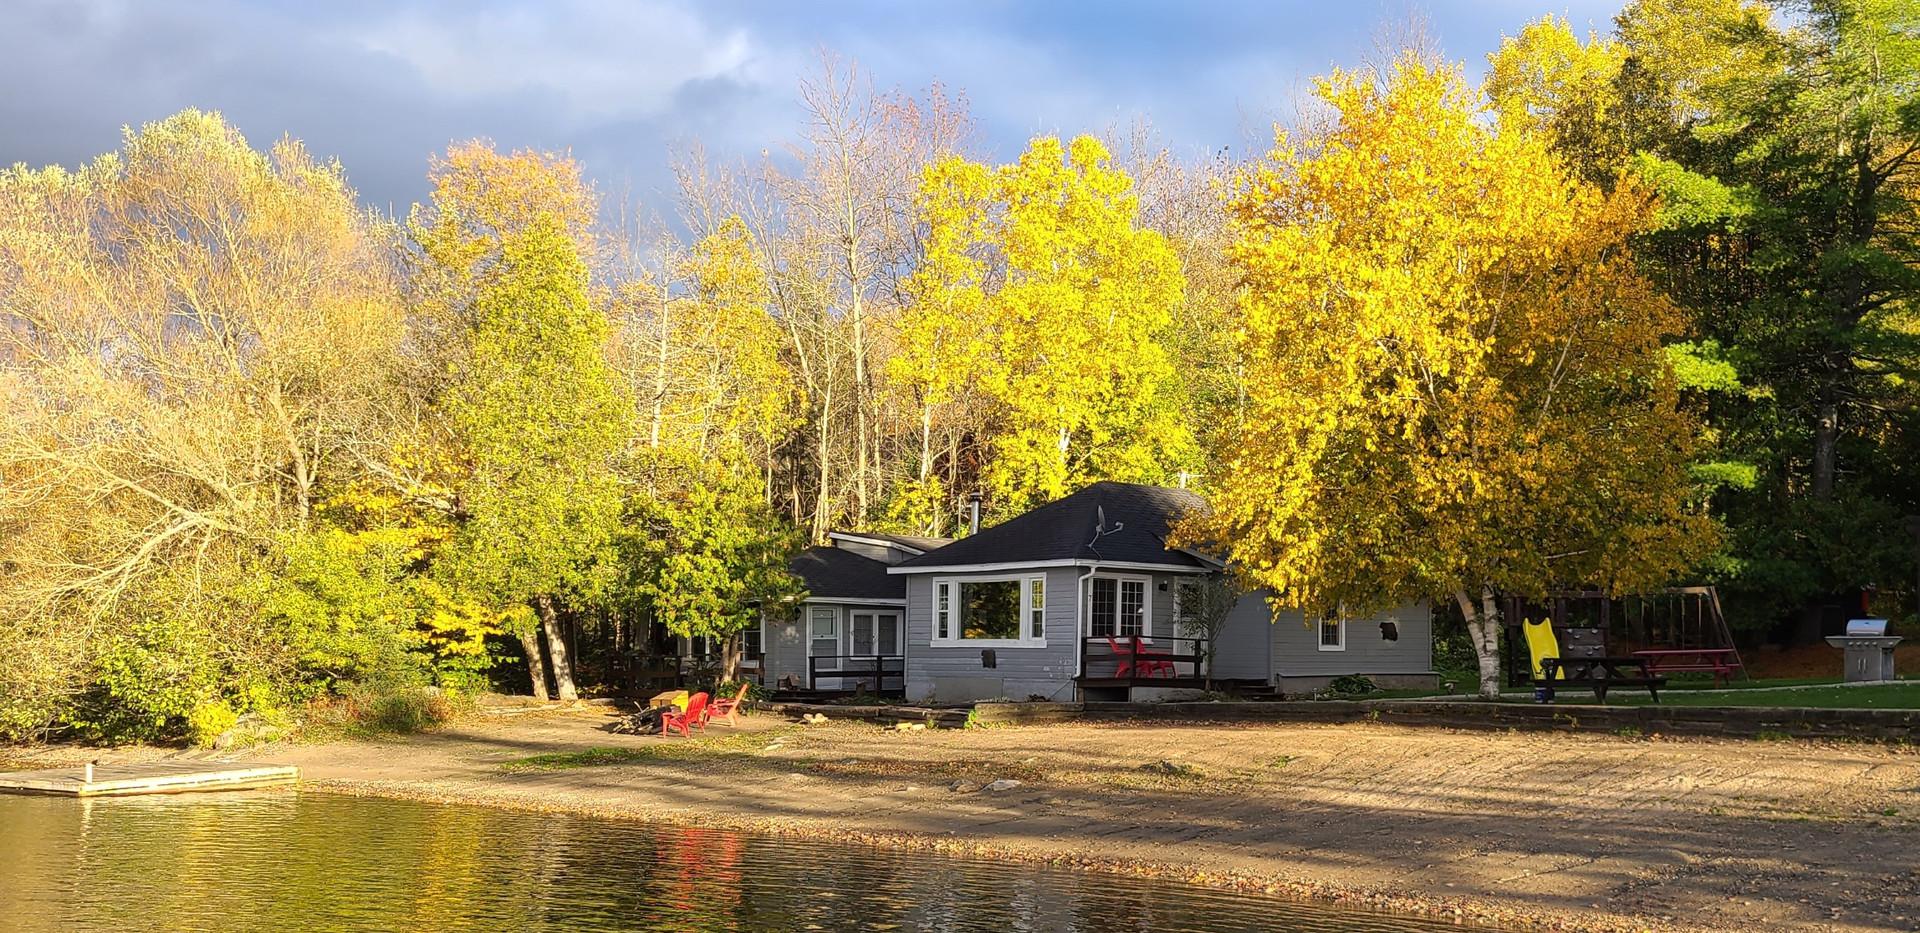 Lakeside Cabins at the Bonnie View Inn